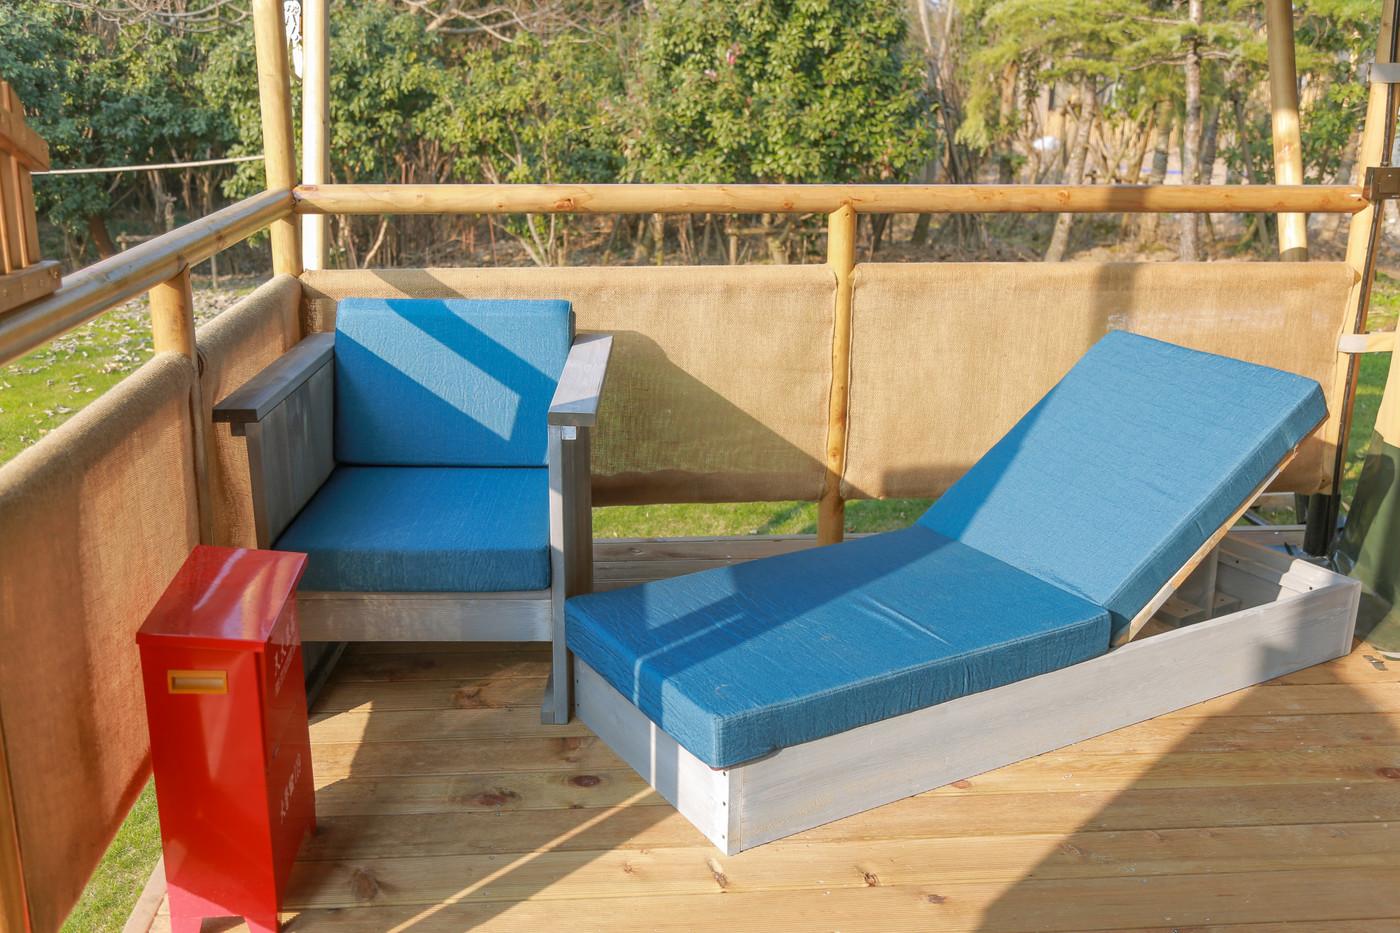 喜马拉雅上海迪士尼邻家营地—家庭房10